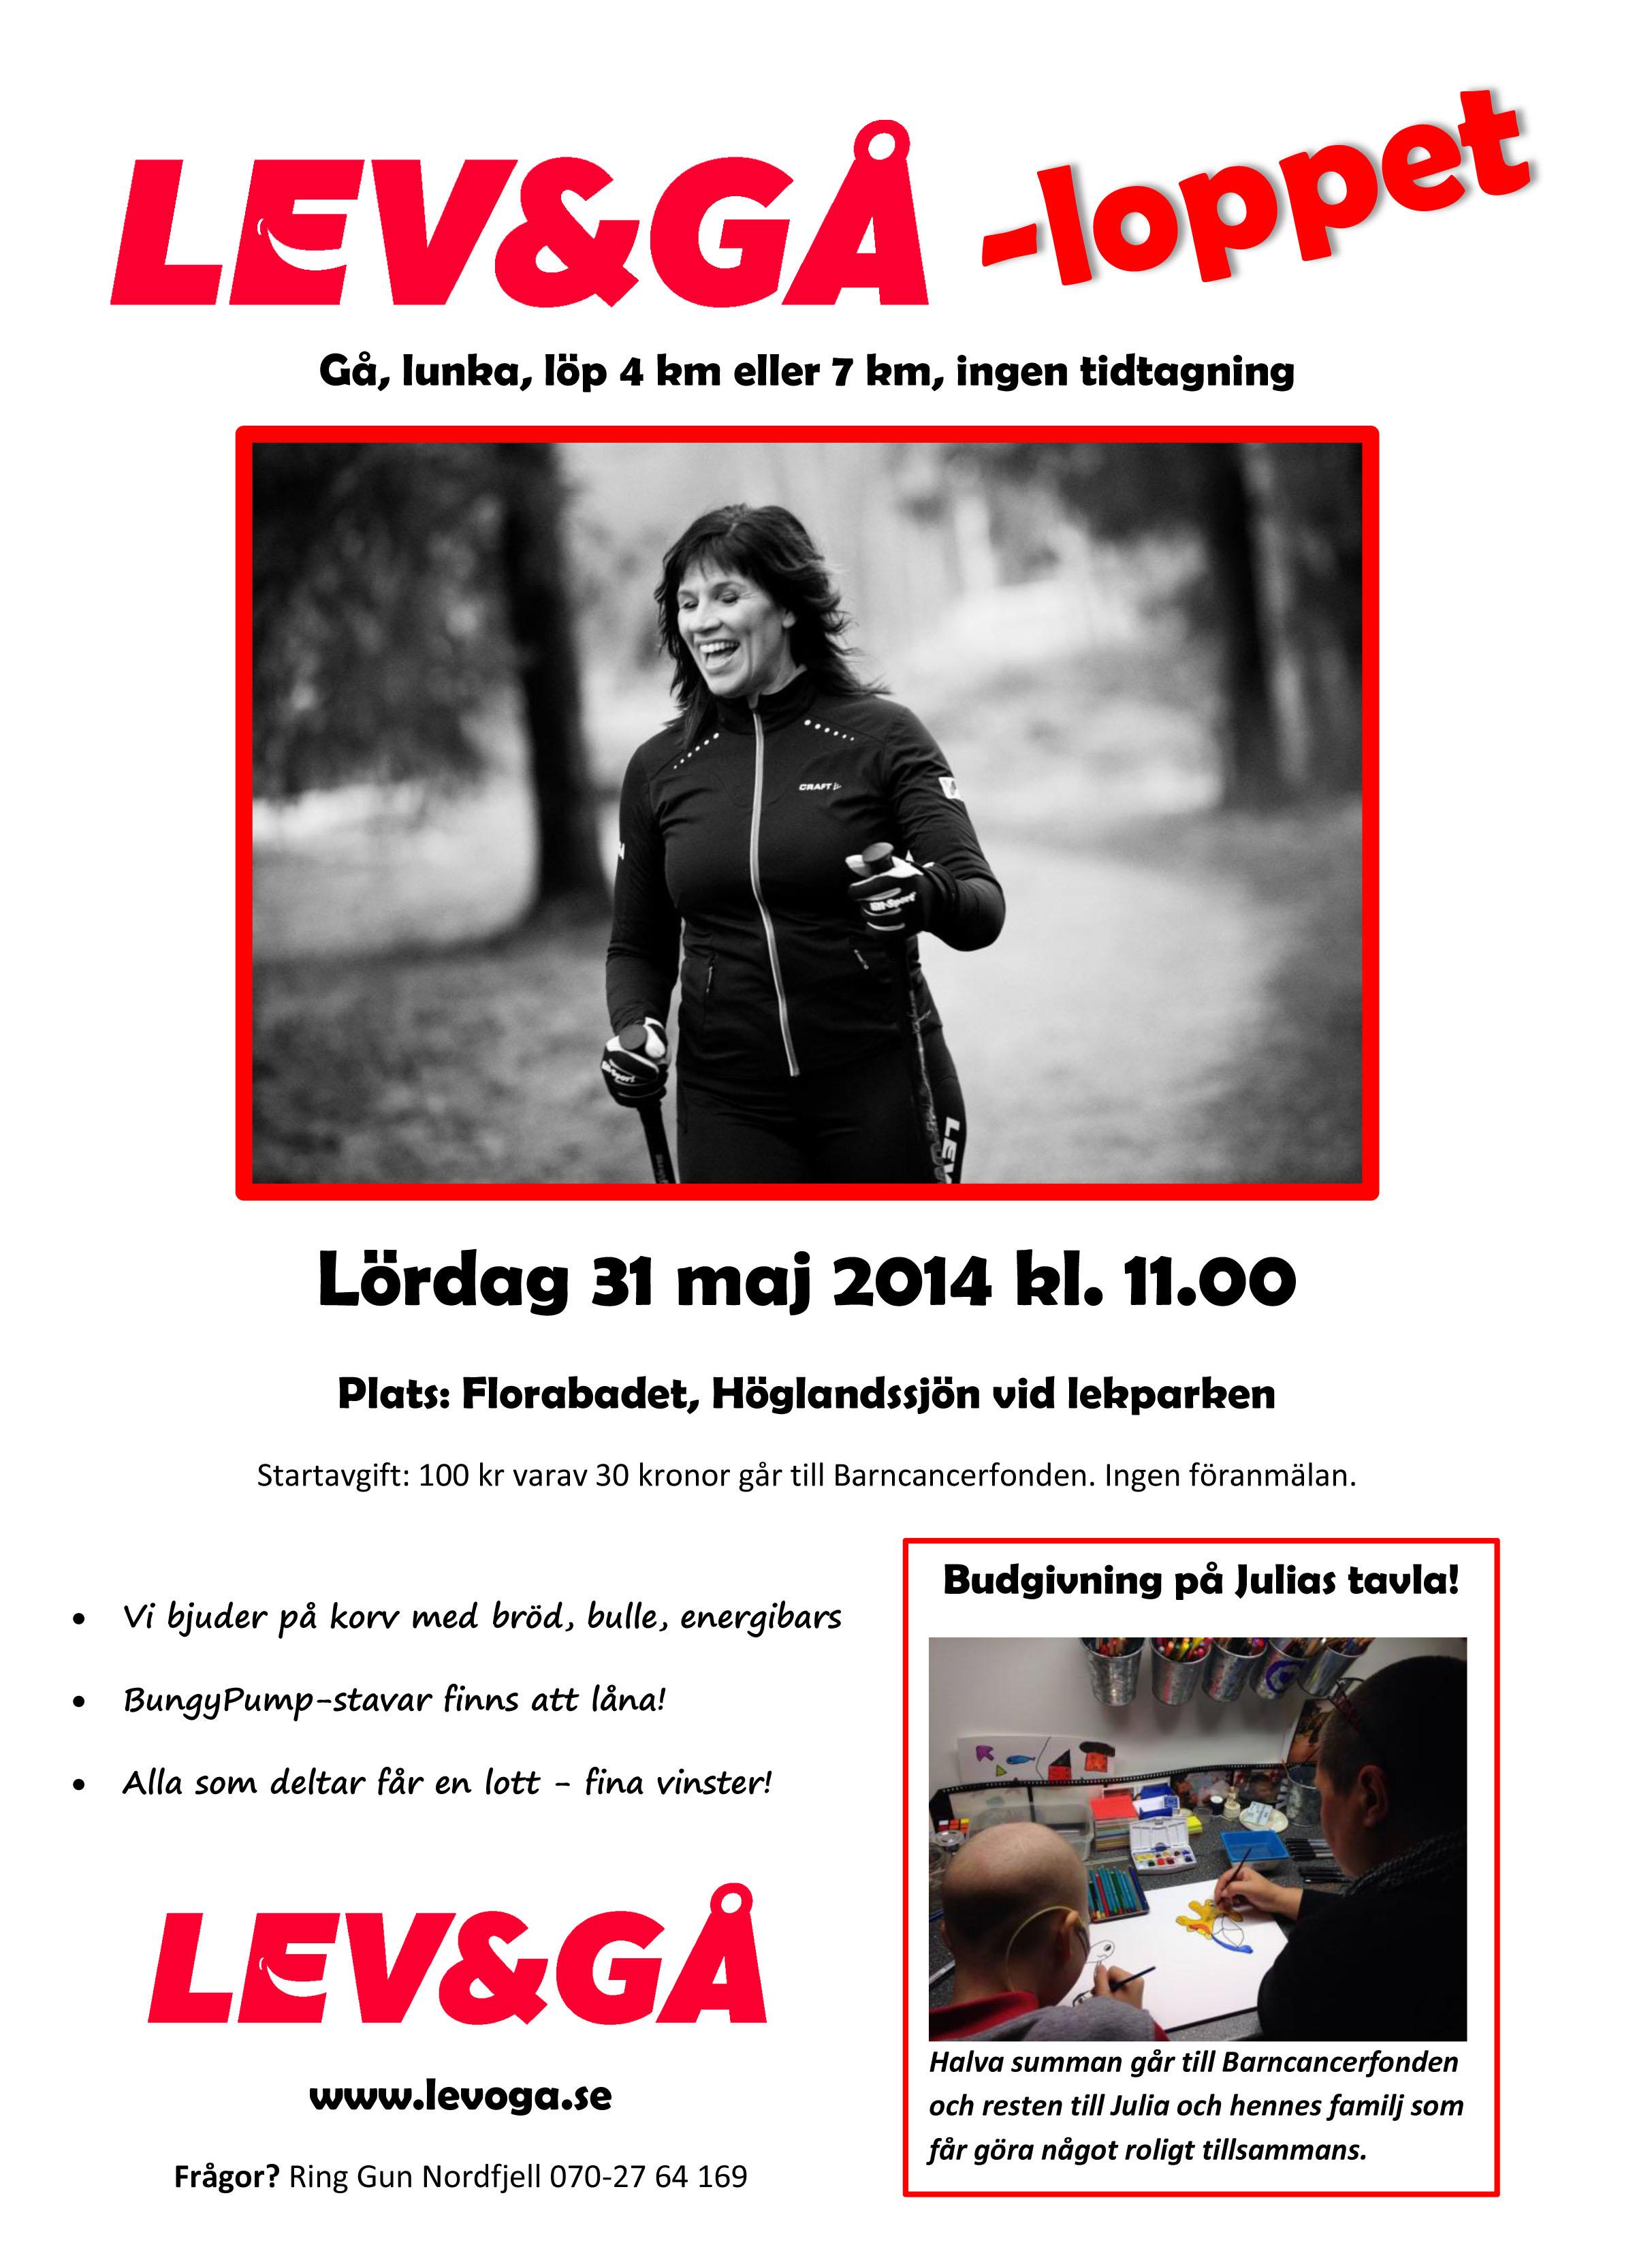 levogå-loppet 2014